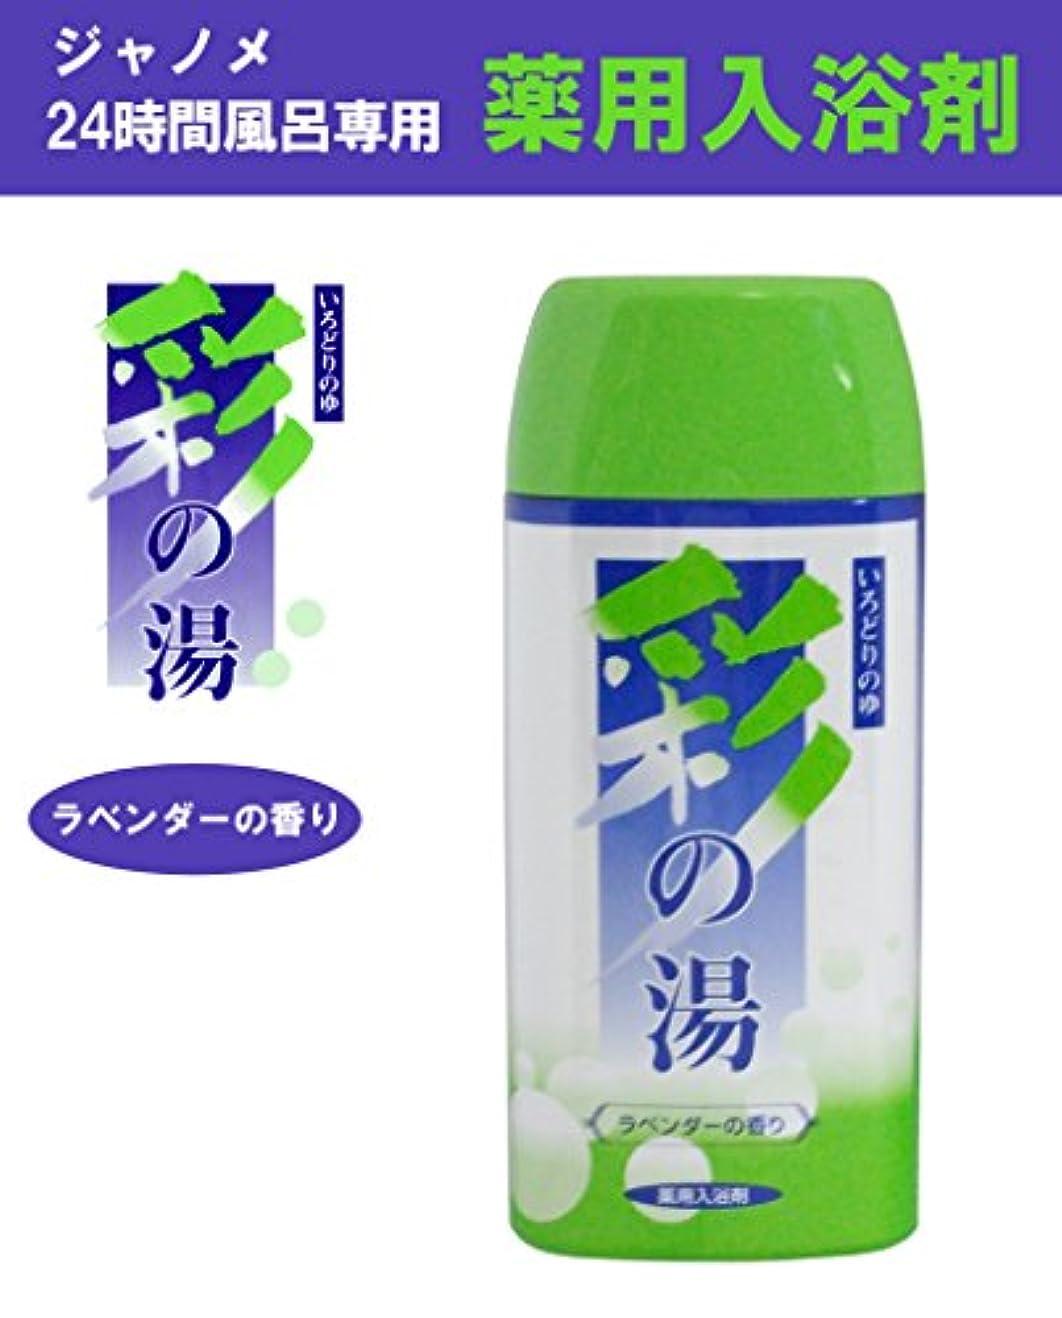 緑エンドテーブル廊下ジャノメ 彩の湯 (24時間風呂専用 薬用入浴剤 ラベンダーの香り )